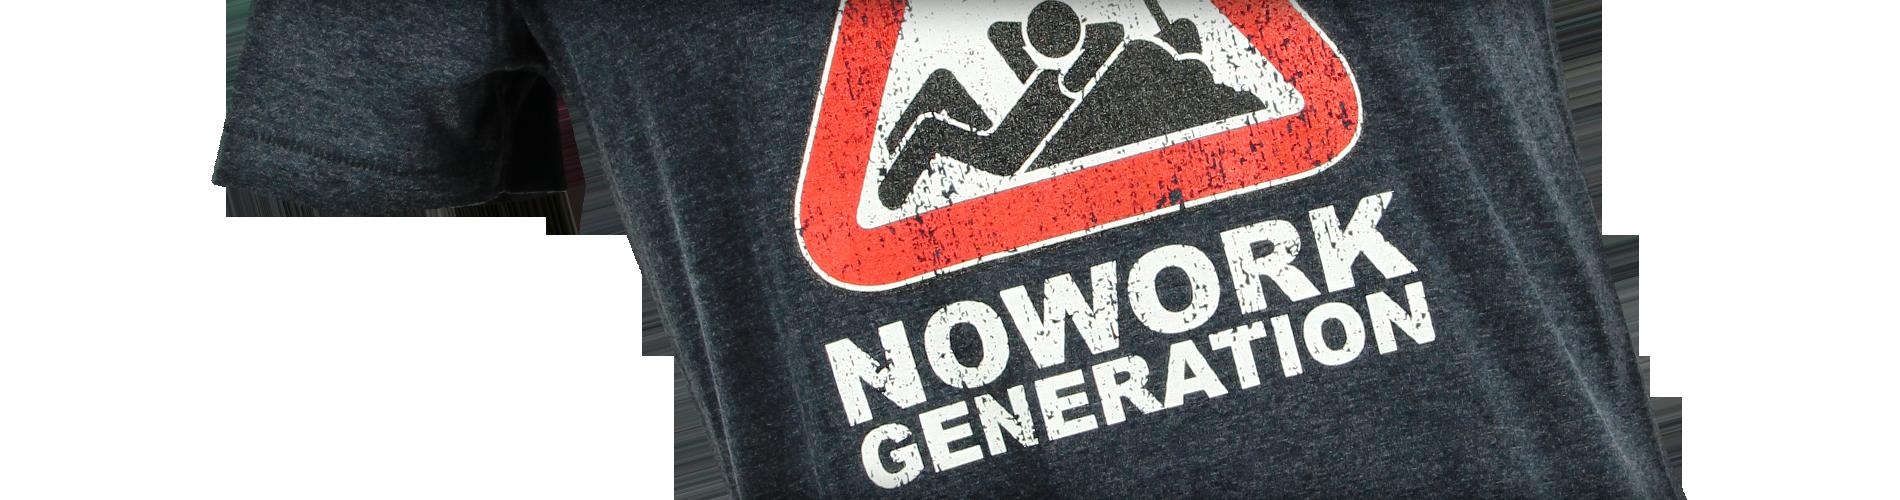 Nowork